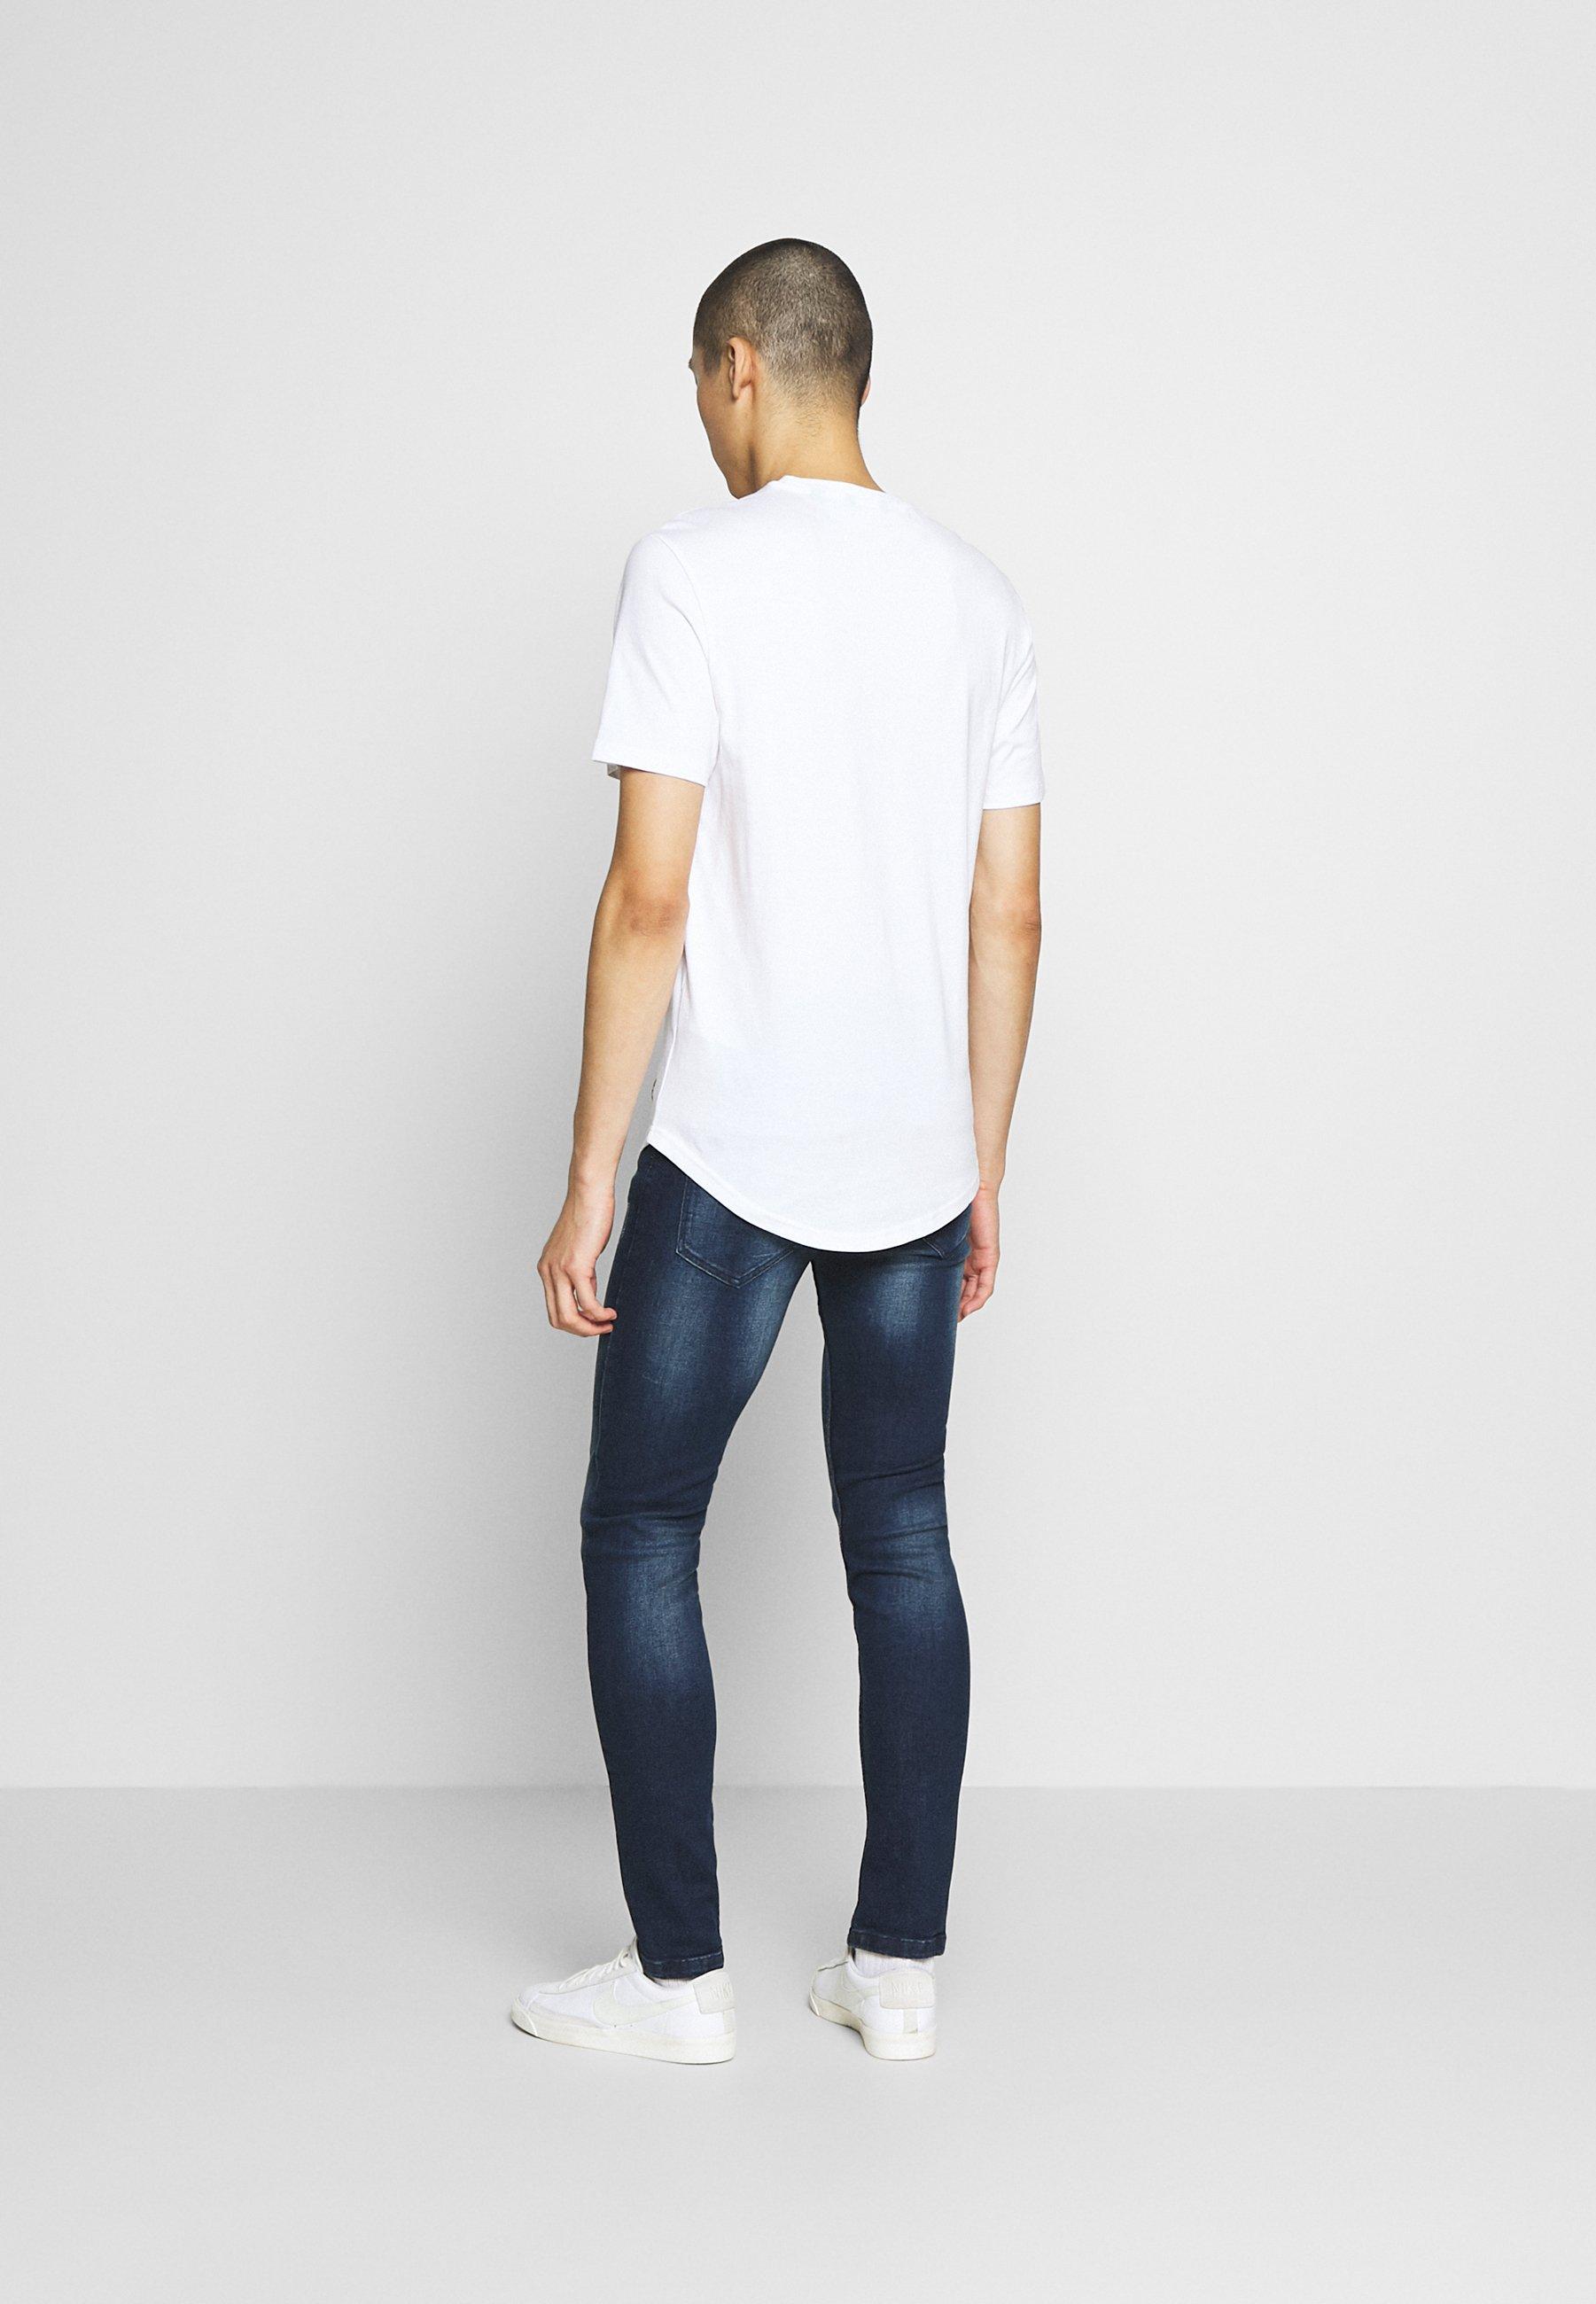 Redefined Rebel Stockholm - Jeans Slim Fit Shore Blue/blå Denim